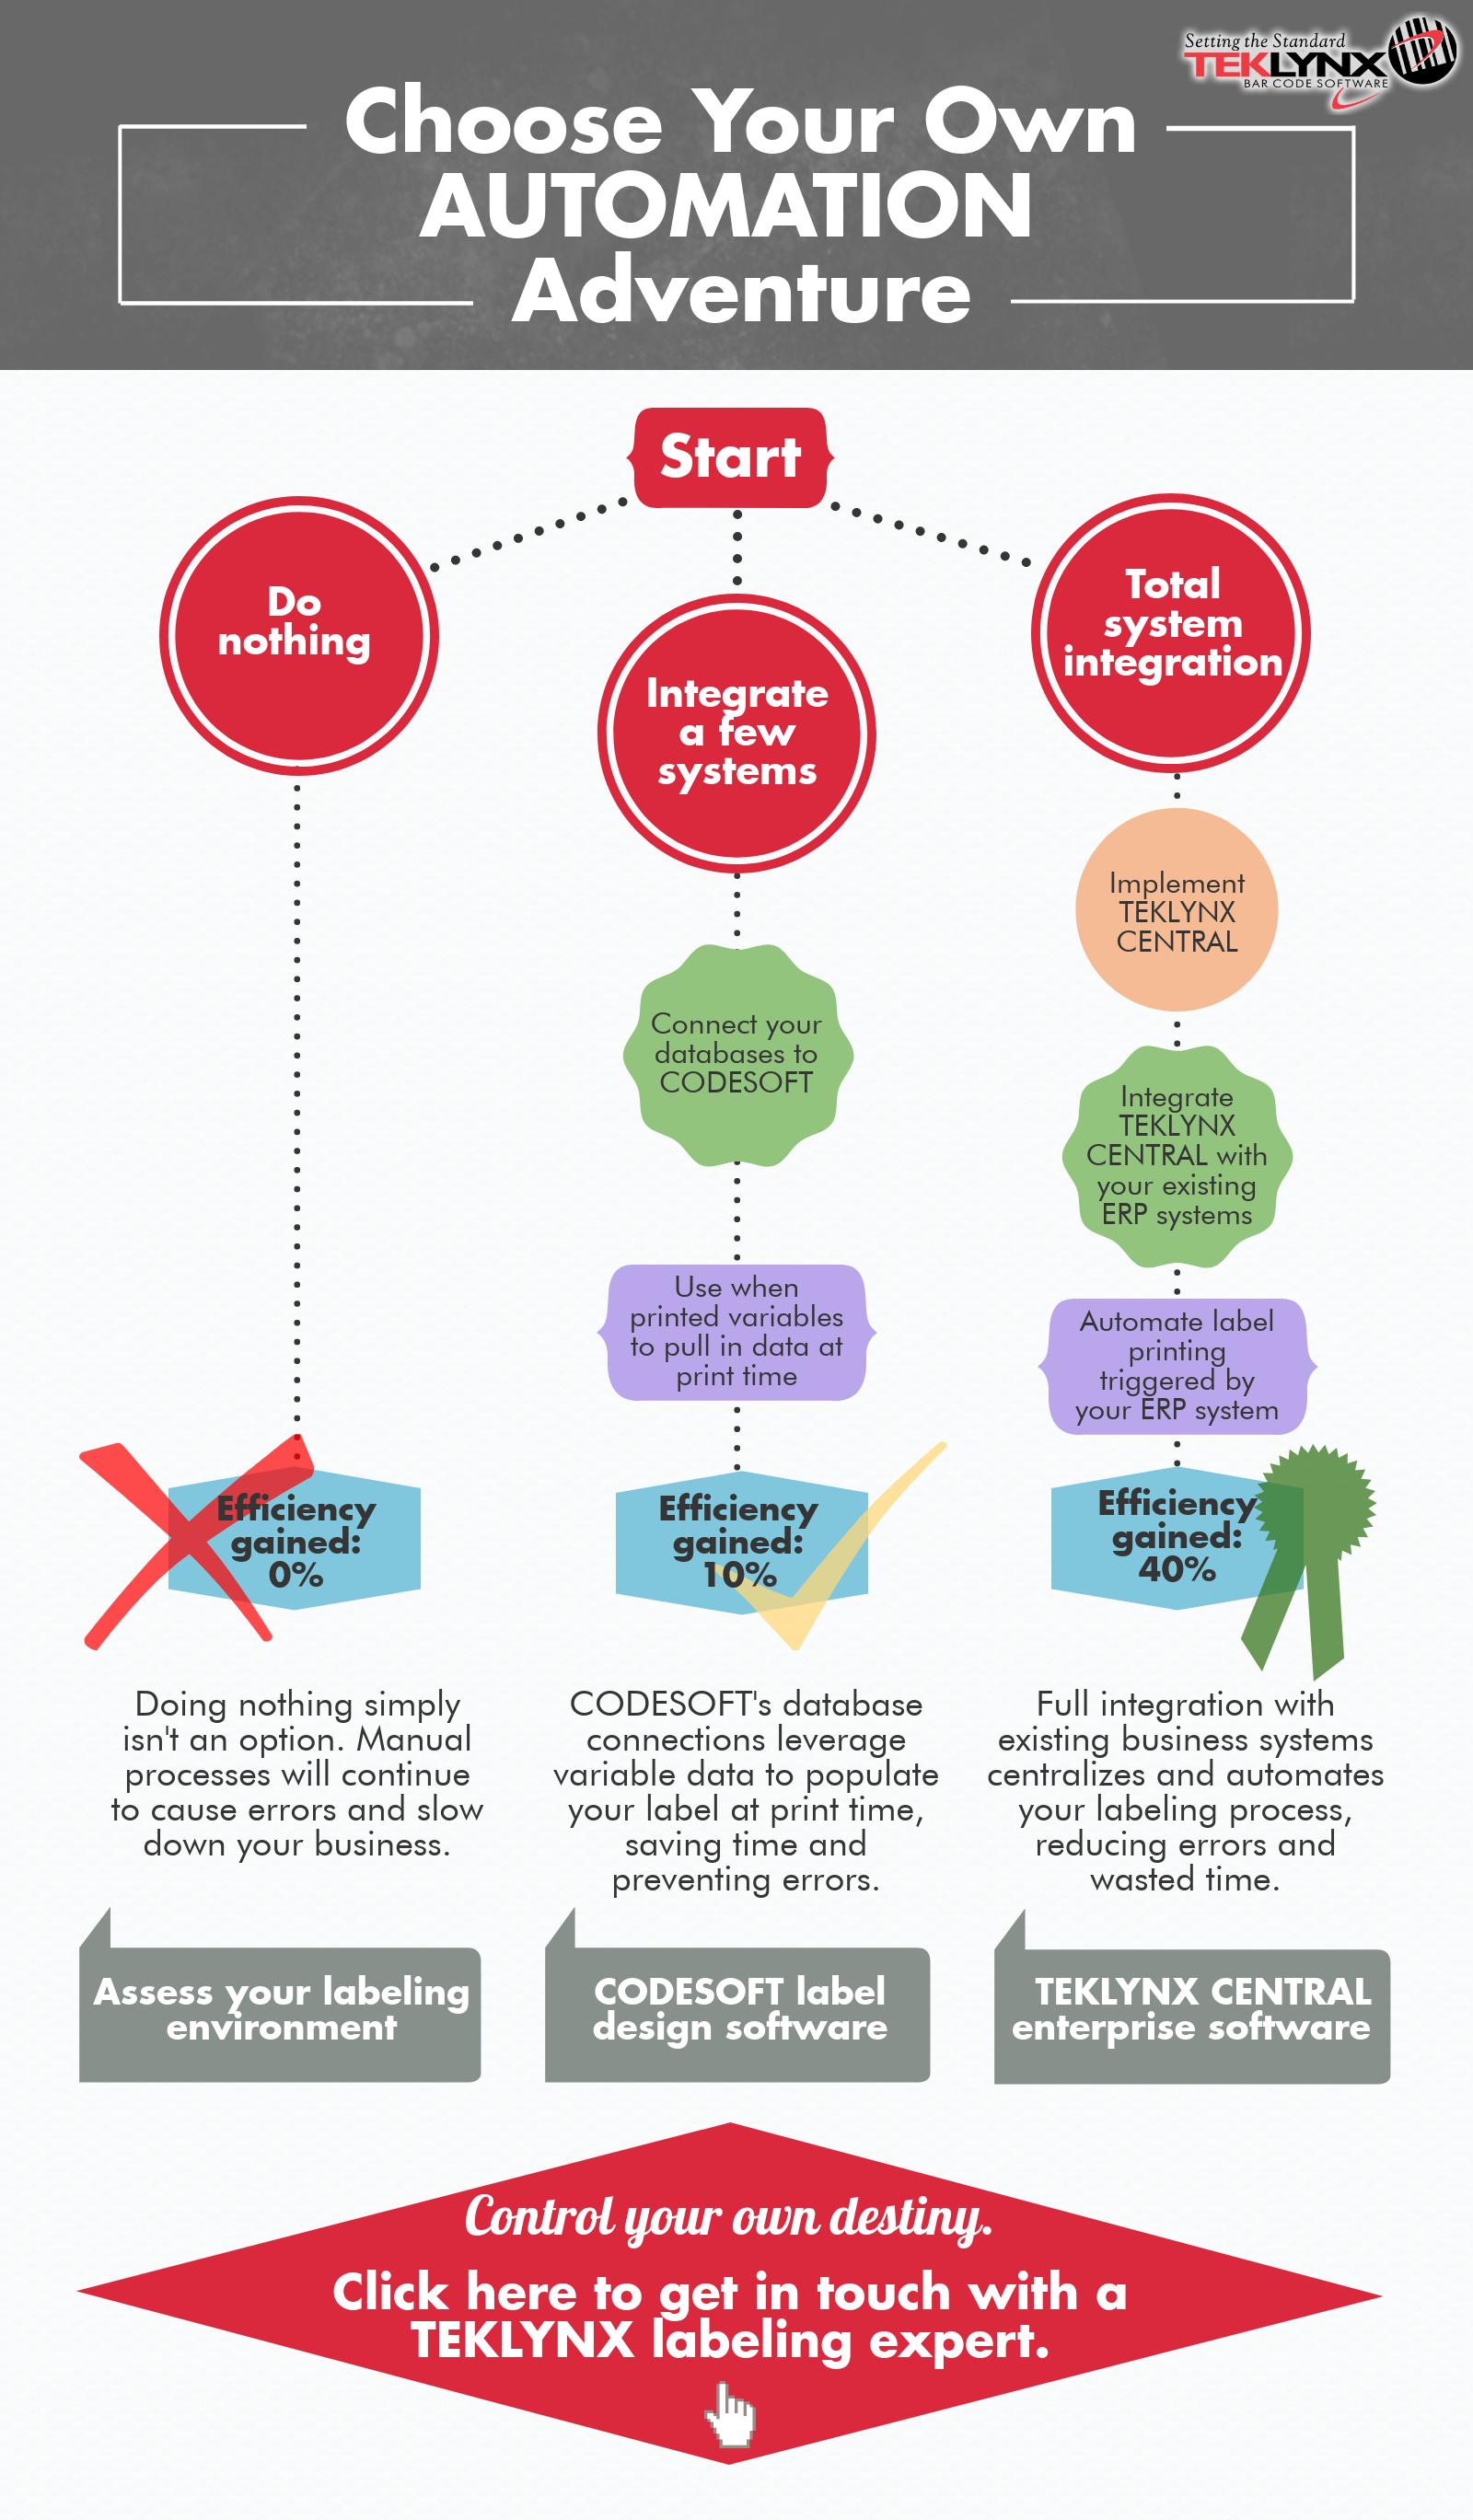 Infografía: Elija su propia aventura de automatización